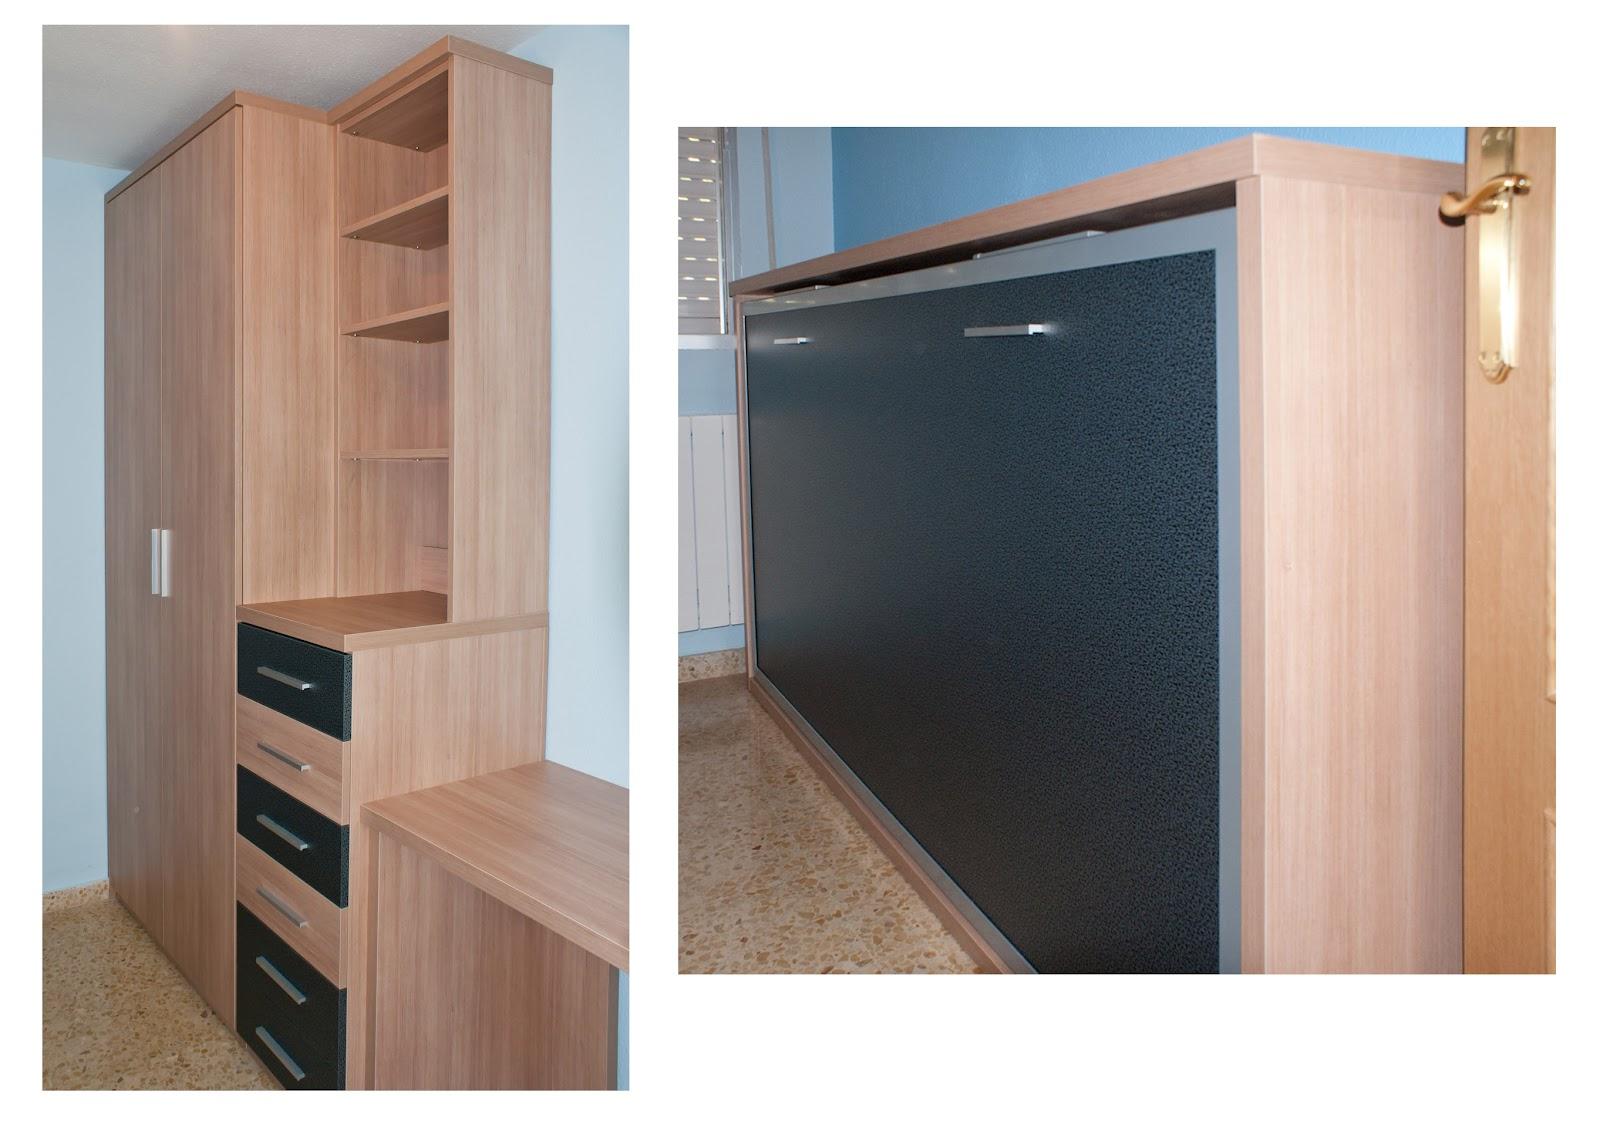 Blog de muebles soluciones zaragoza julio 2012 - Armario bajo cama ...